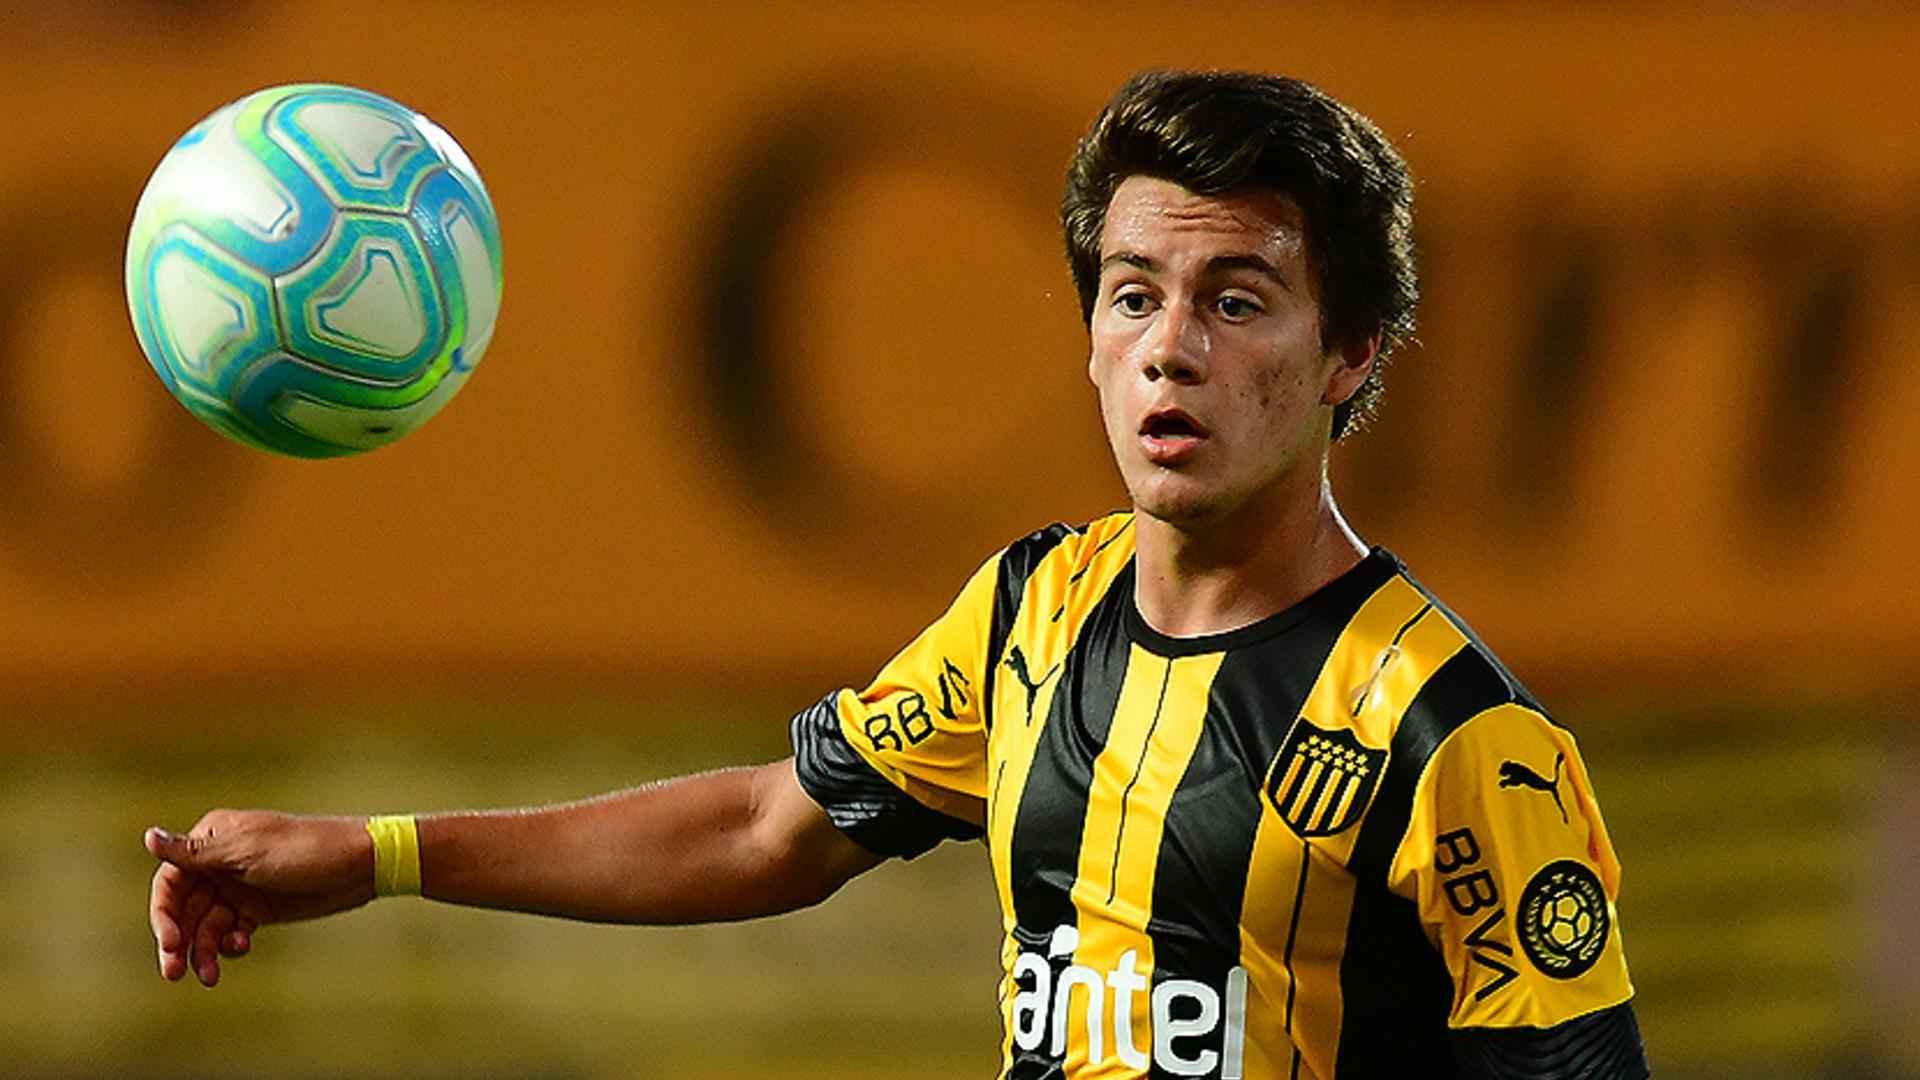 Quién es Facundo Pellistri, el crack de Peñarol que cautivó a Riquelme para Boca   Goal.com